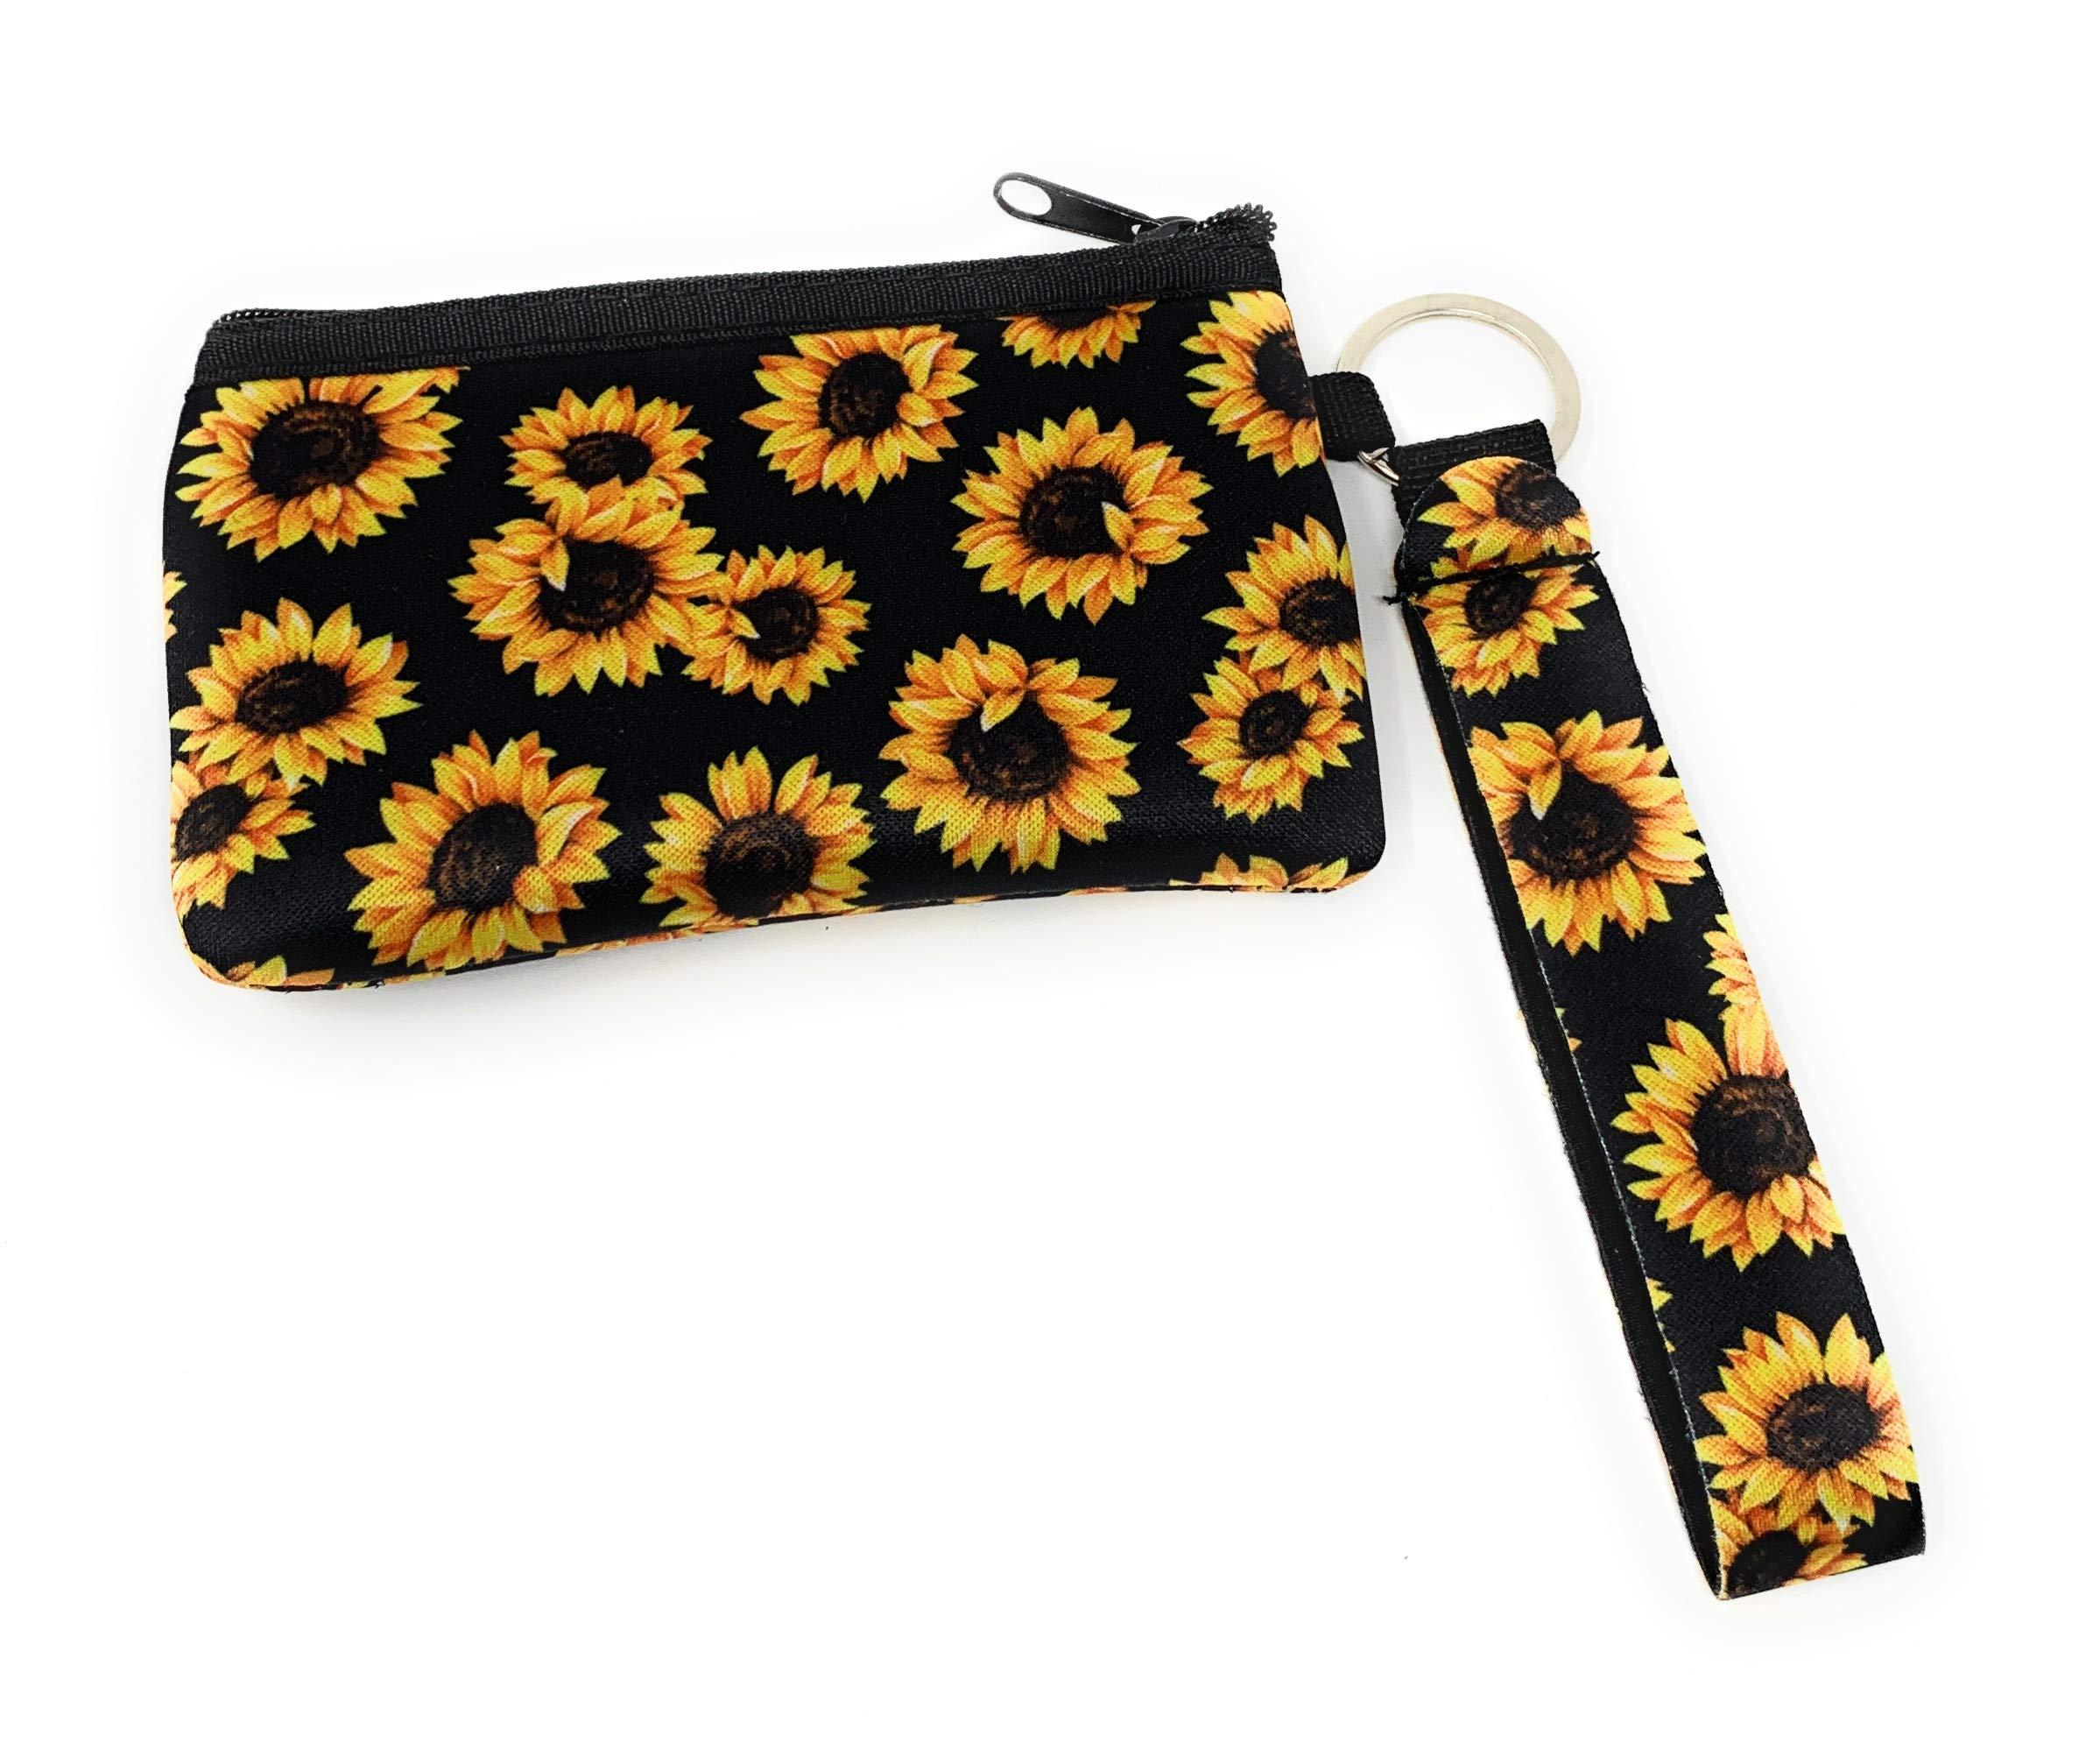 Daisy Lane Sunflower Credit Card Holder for Women Zipper Wristlet Pouch Neoprene